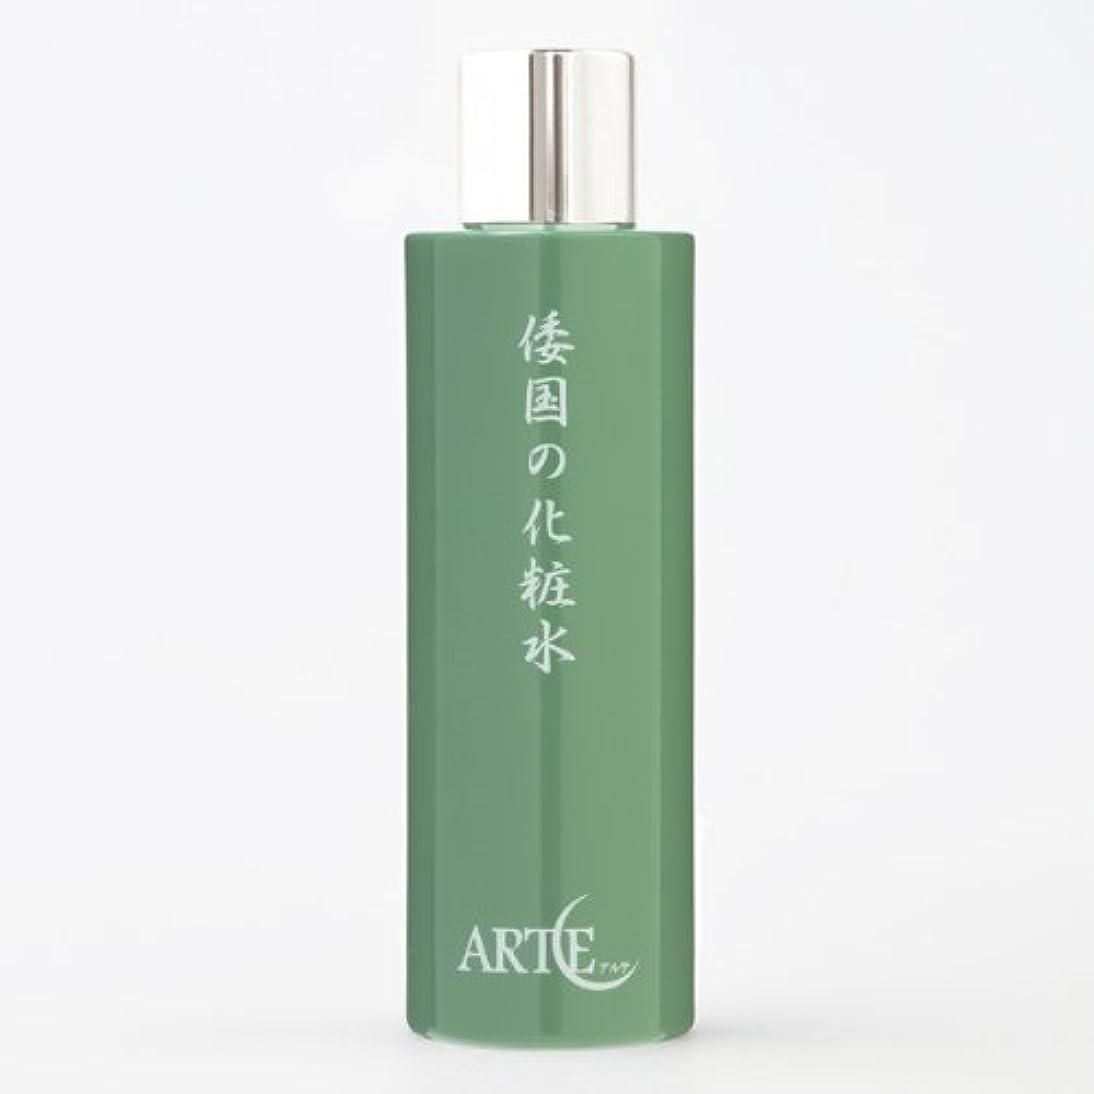 ダッシュ風医師アルテ 倭国の化粧水 敏感肌用 100ml